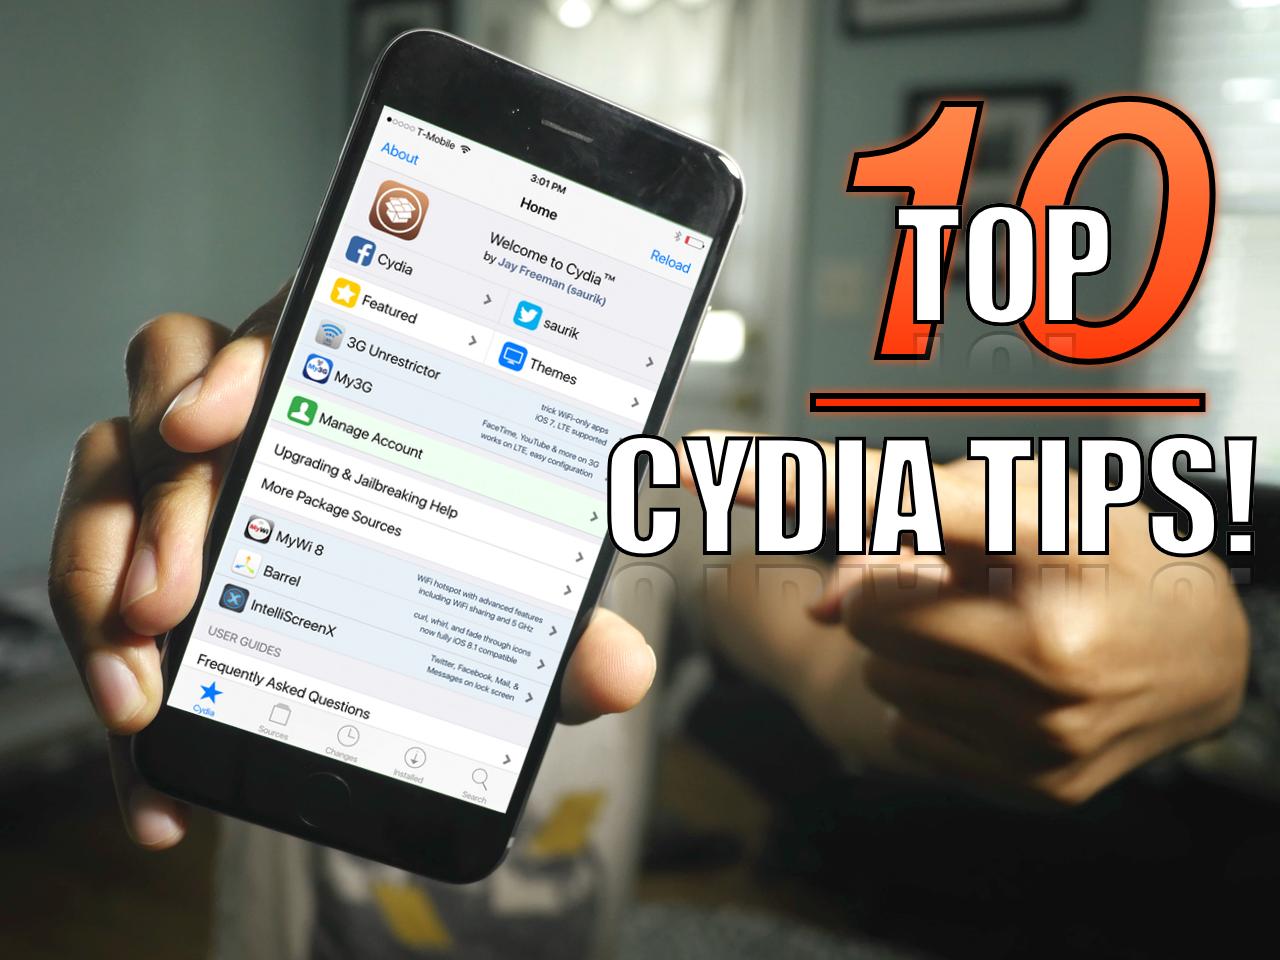 Top 10 Cydia Tips Video